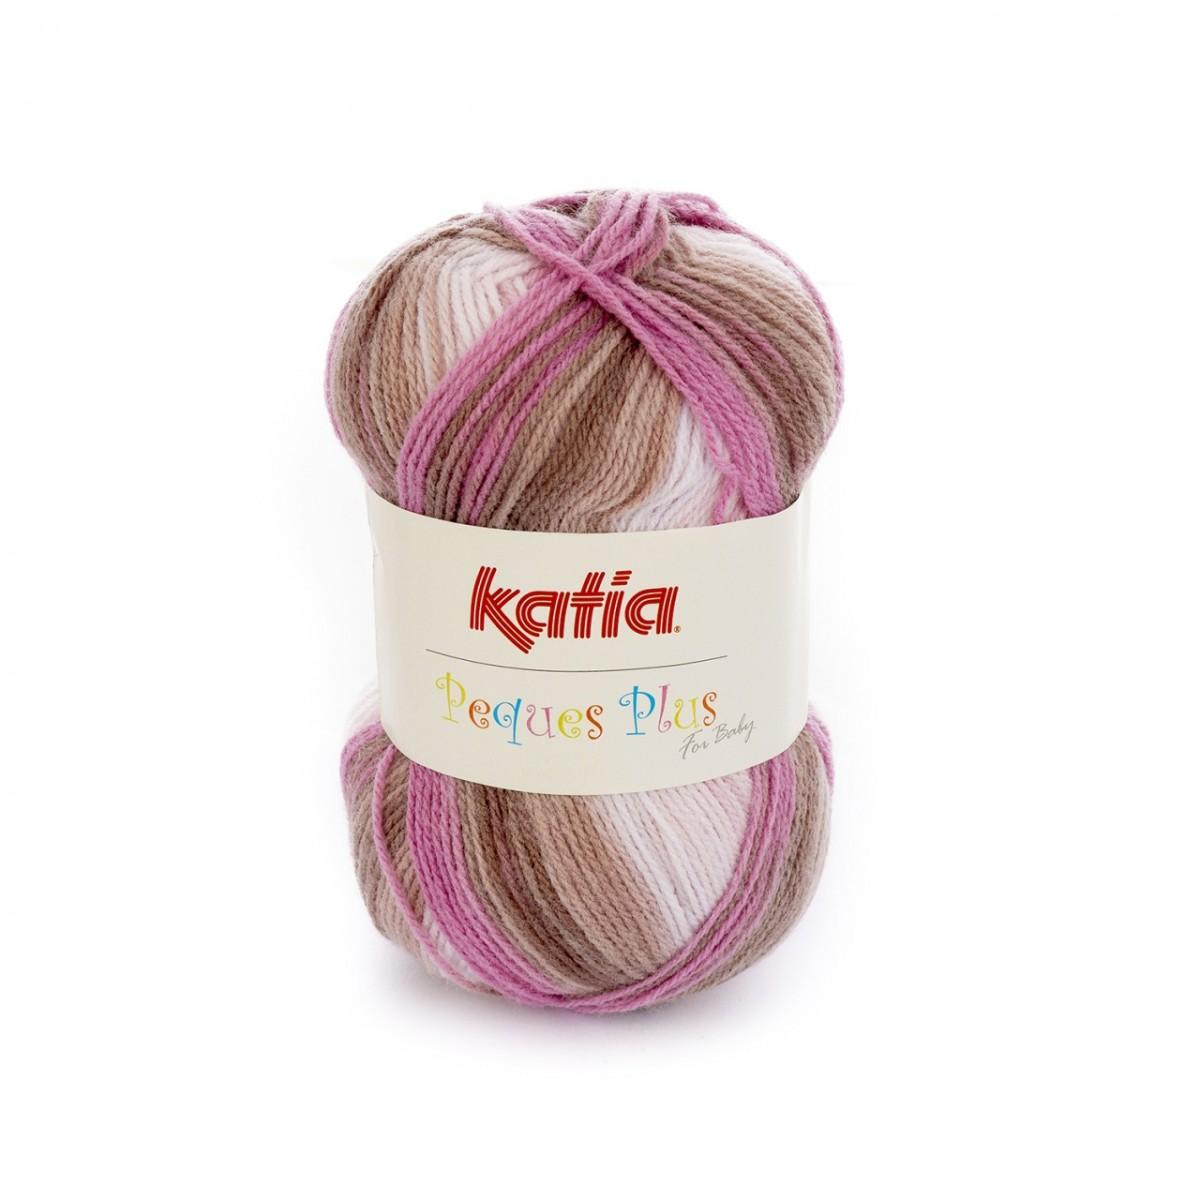 232 m Wolle ca PEQUES PLUS von Katia Farbe 50-50 g